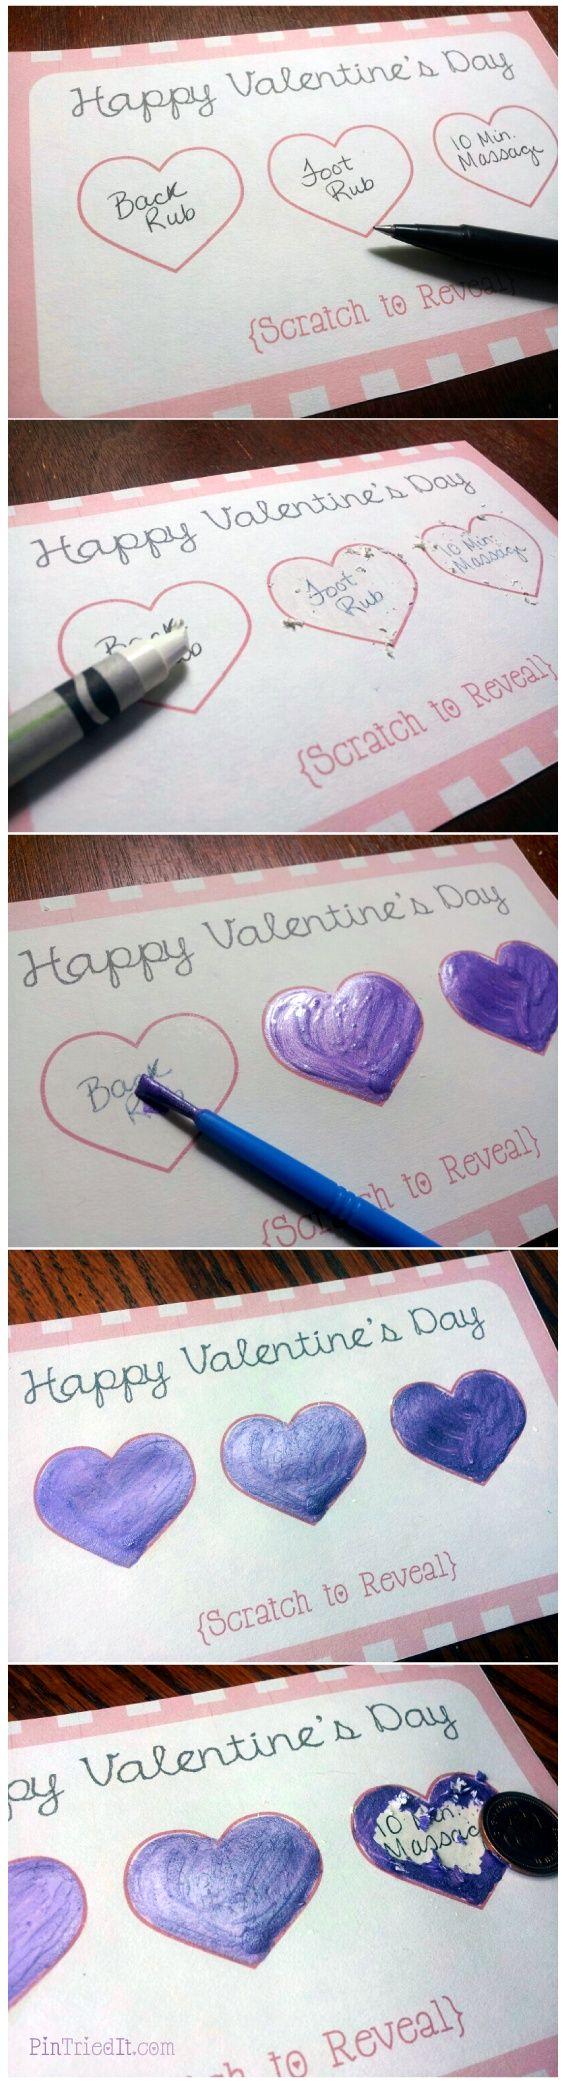 Best 25 Diy boyfriend gifts ideas on Pinterest Birthday gifts